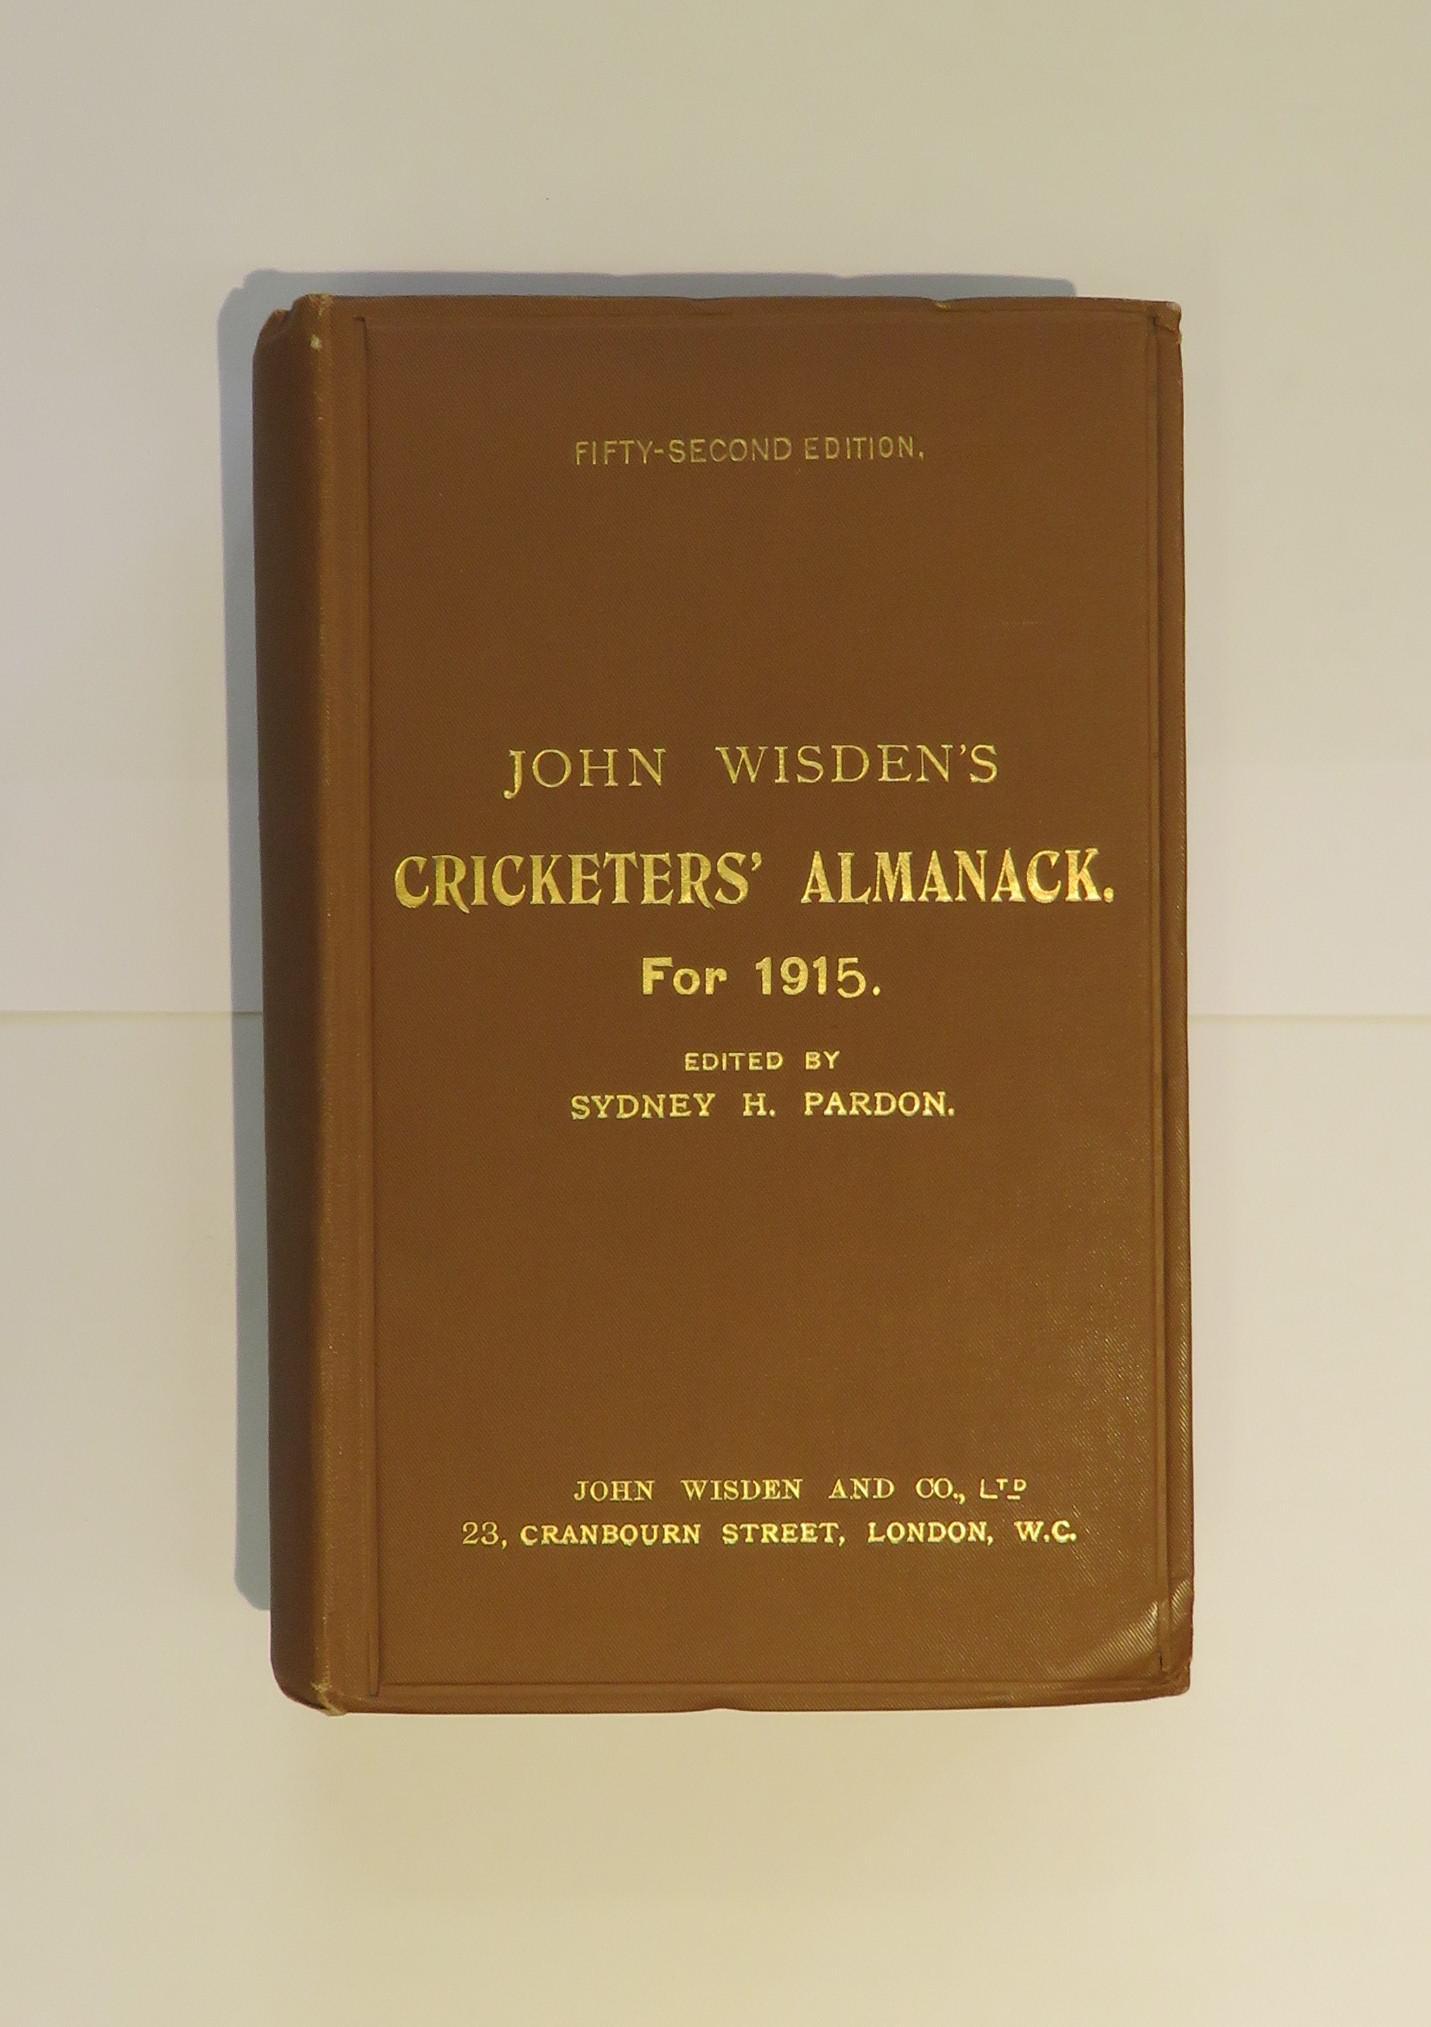 John Wisden Cricketers' Almanack for 1915